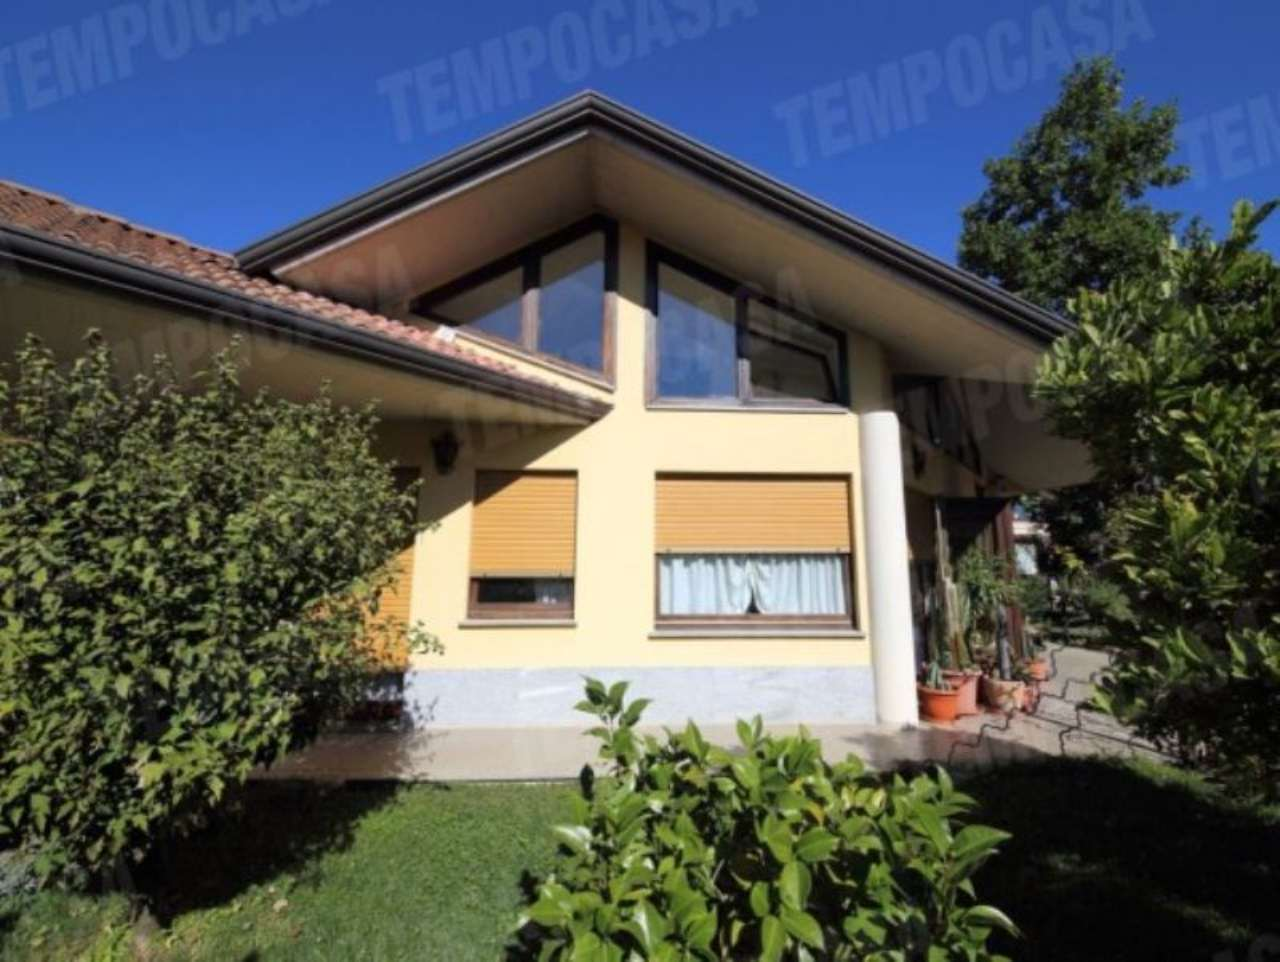 Villa in vendita a San Raffaele Cimena, 6 locali, prezzo € 280.000 | Cambio Casa.it